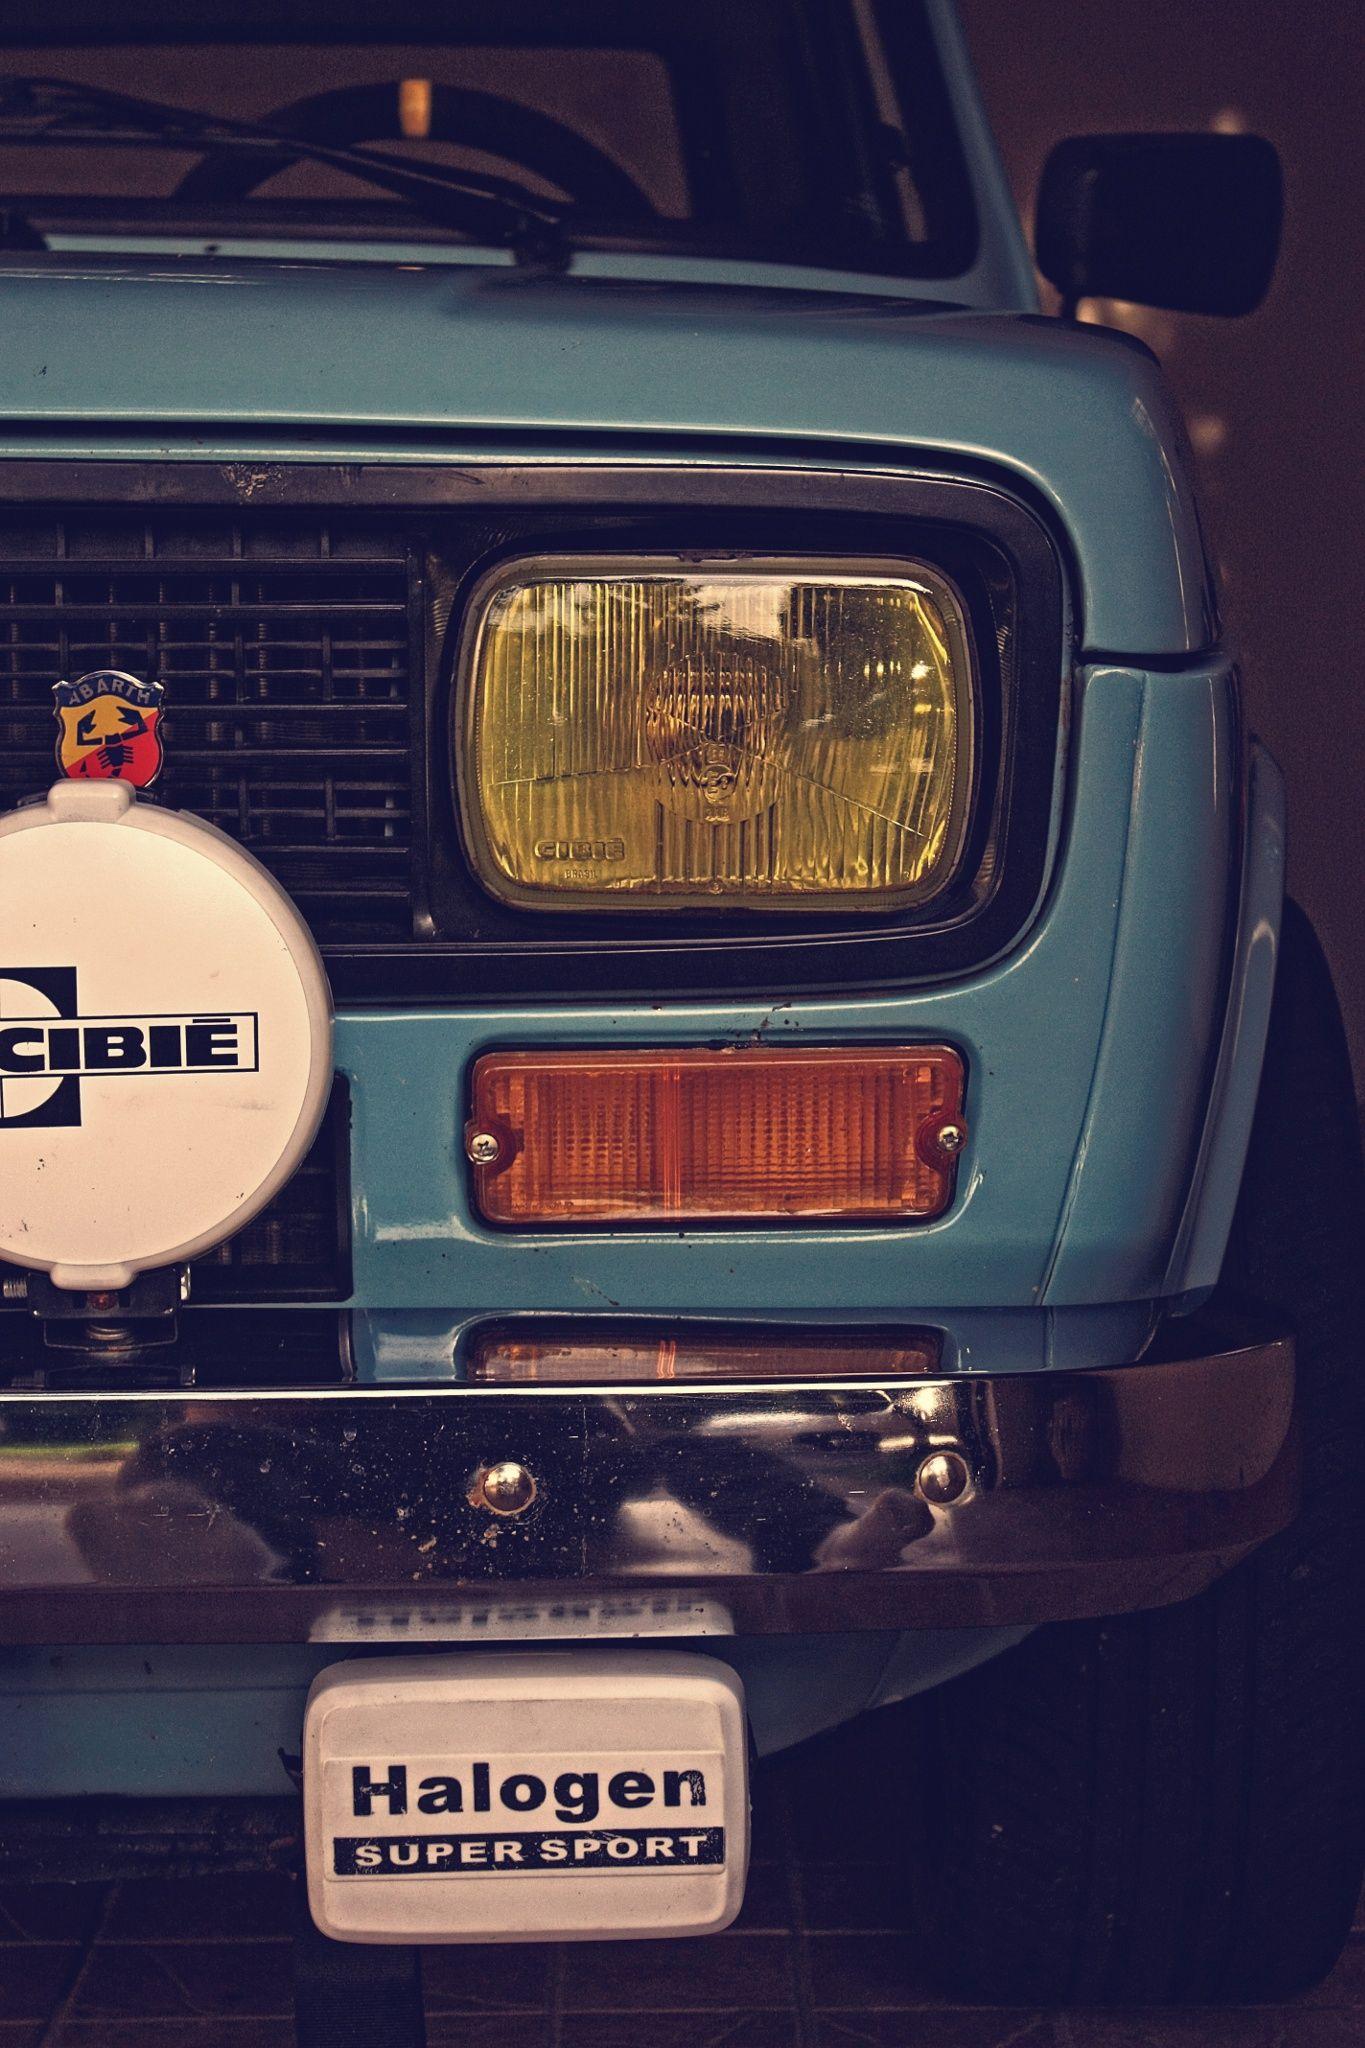 Fiat 147 127 Com Imagens Fotos De Carros Antigos 147 Fiat